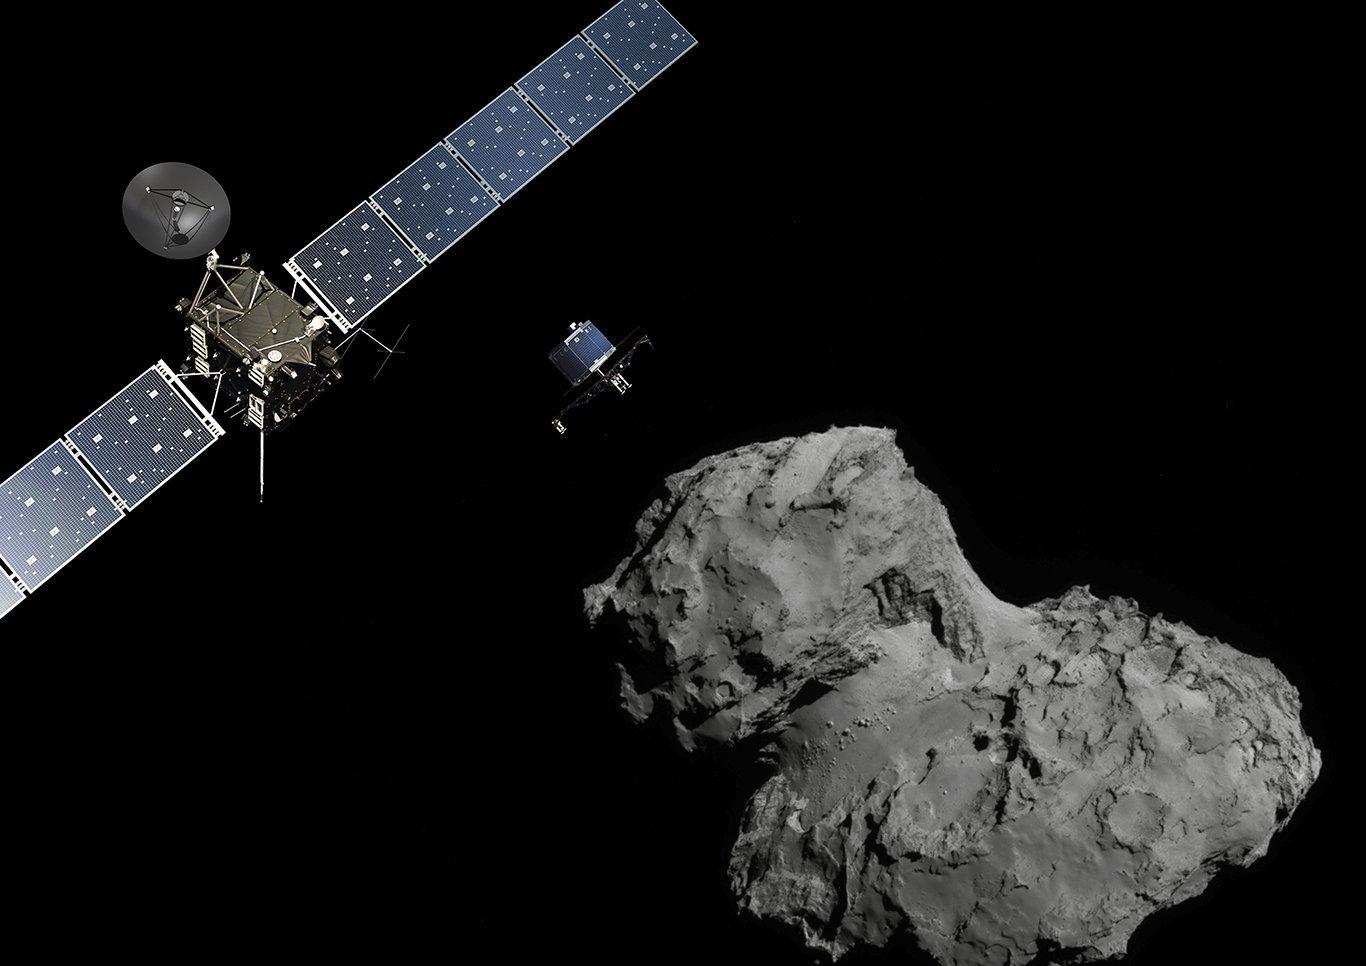 Artist's impression of Rosetta and Philae at the comet. Credit: ESA/ATG medialab; Comet image: ESA/Rosetta/NavCam